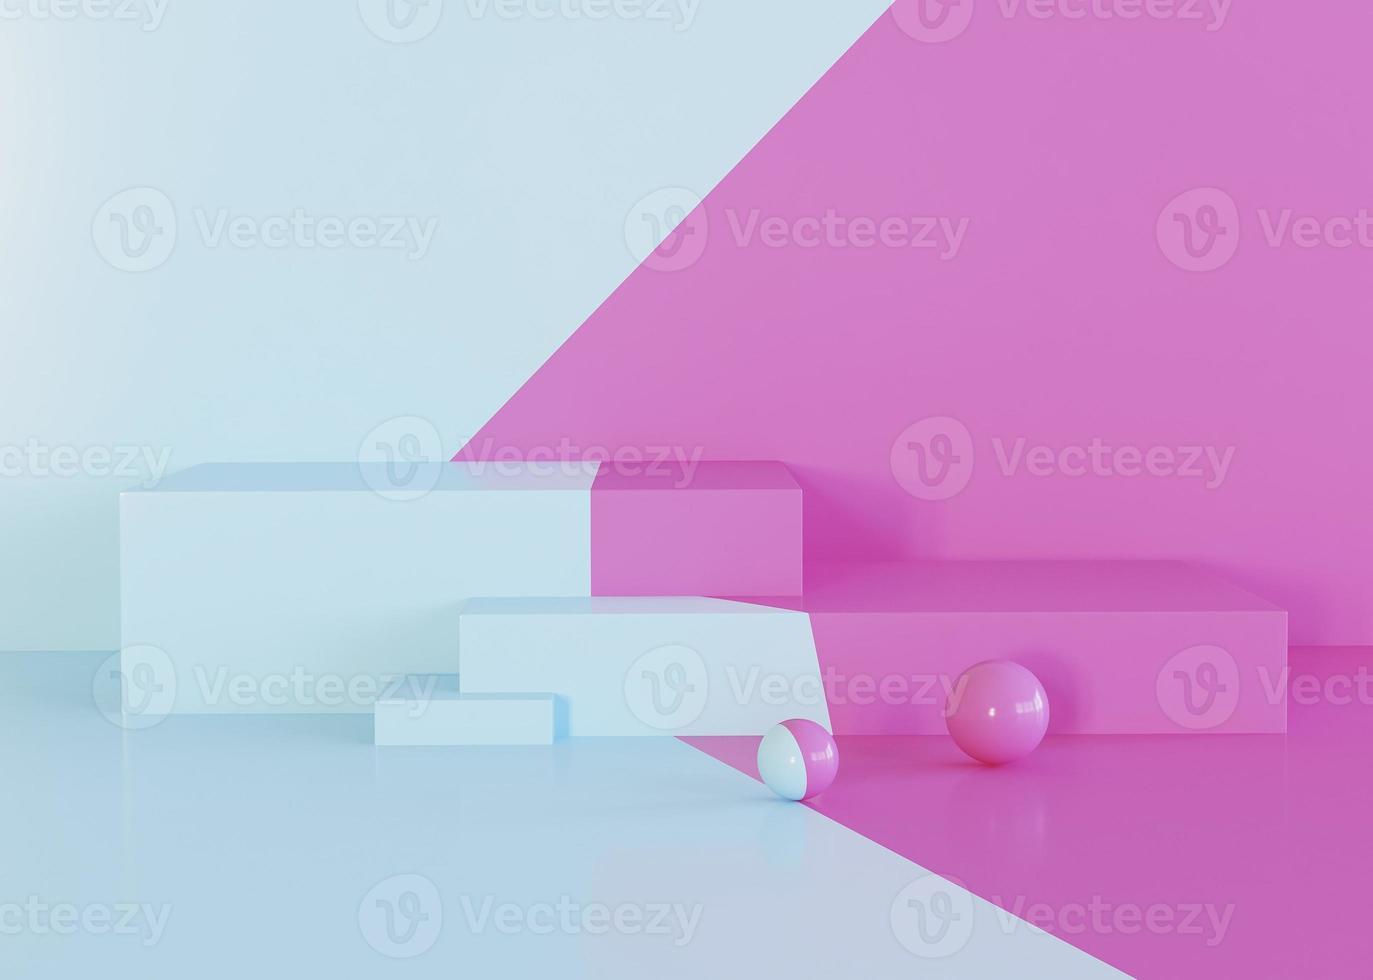 geometriska former bakgrund av rosa och ljusblå toner foto